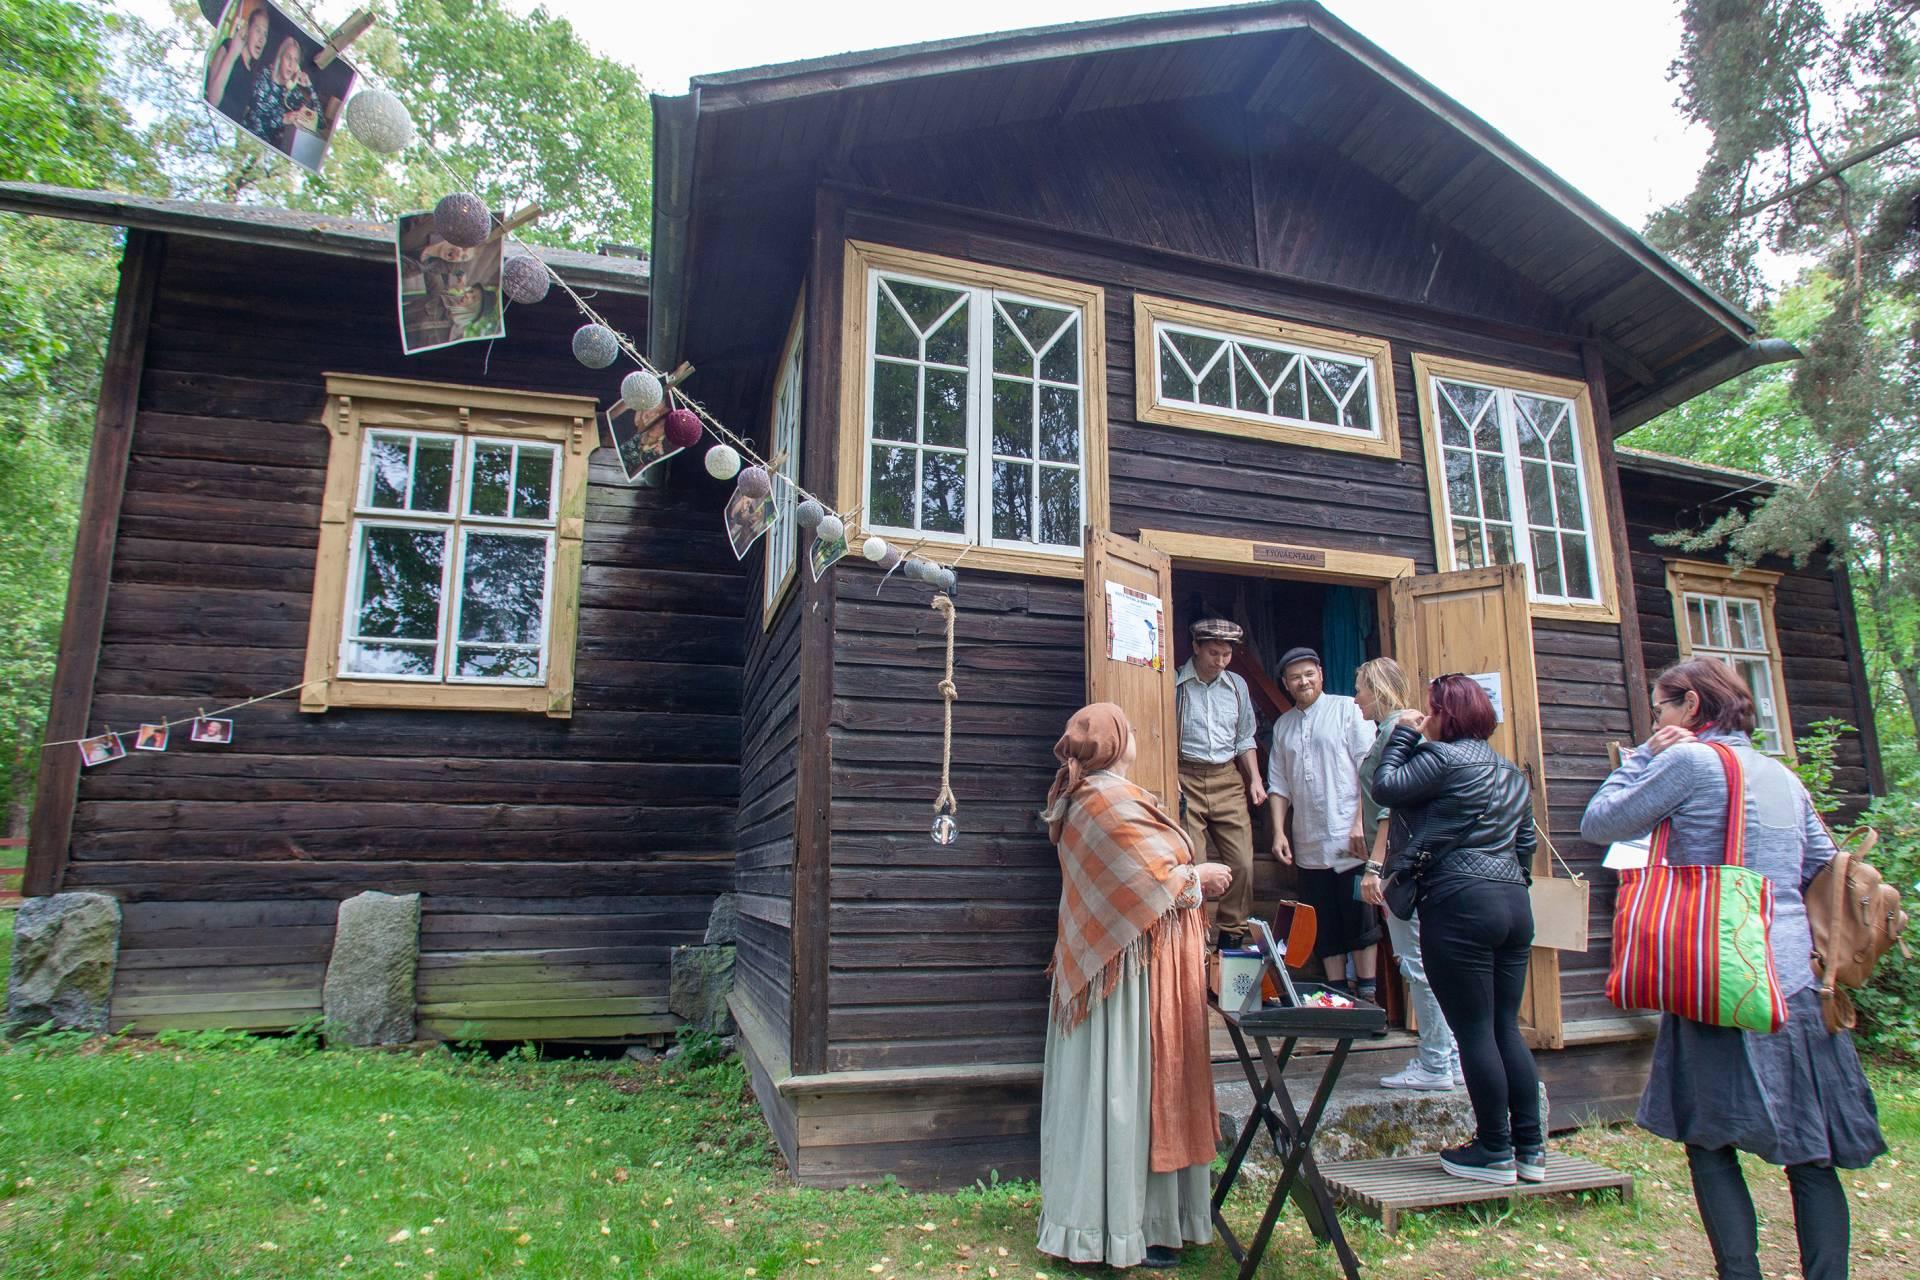 Teatteriesitys Kauppilanmäen museolla